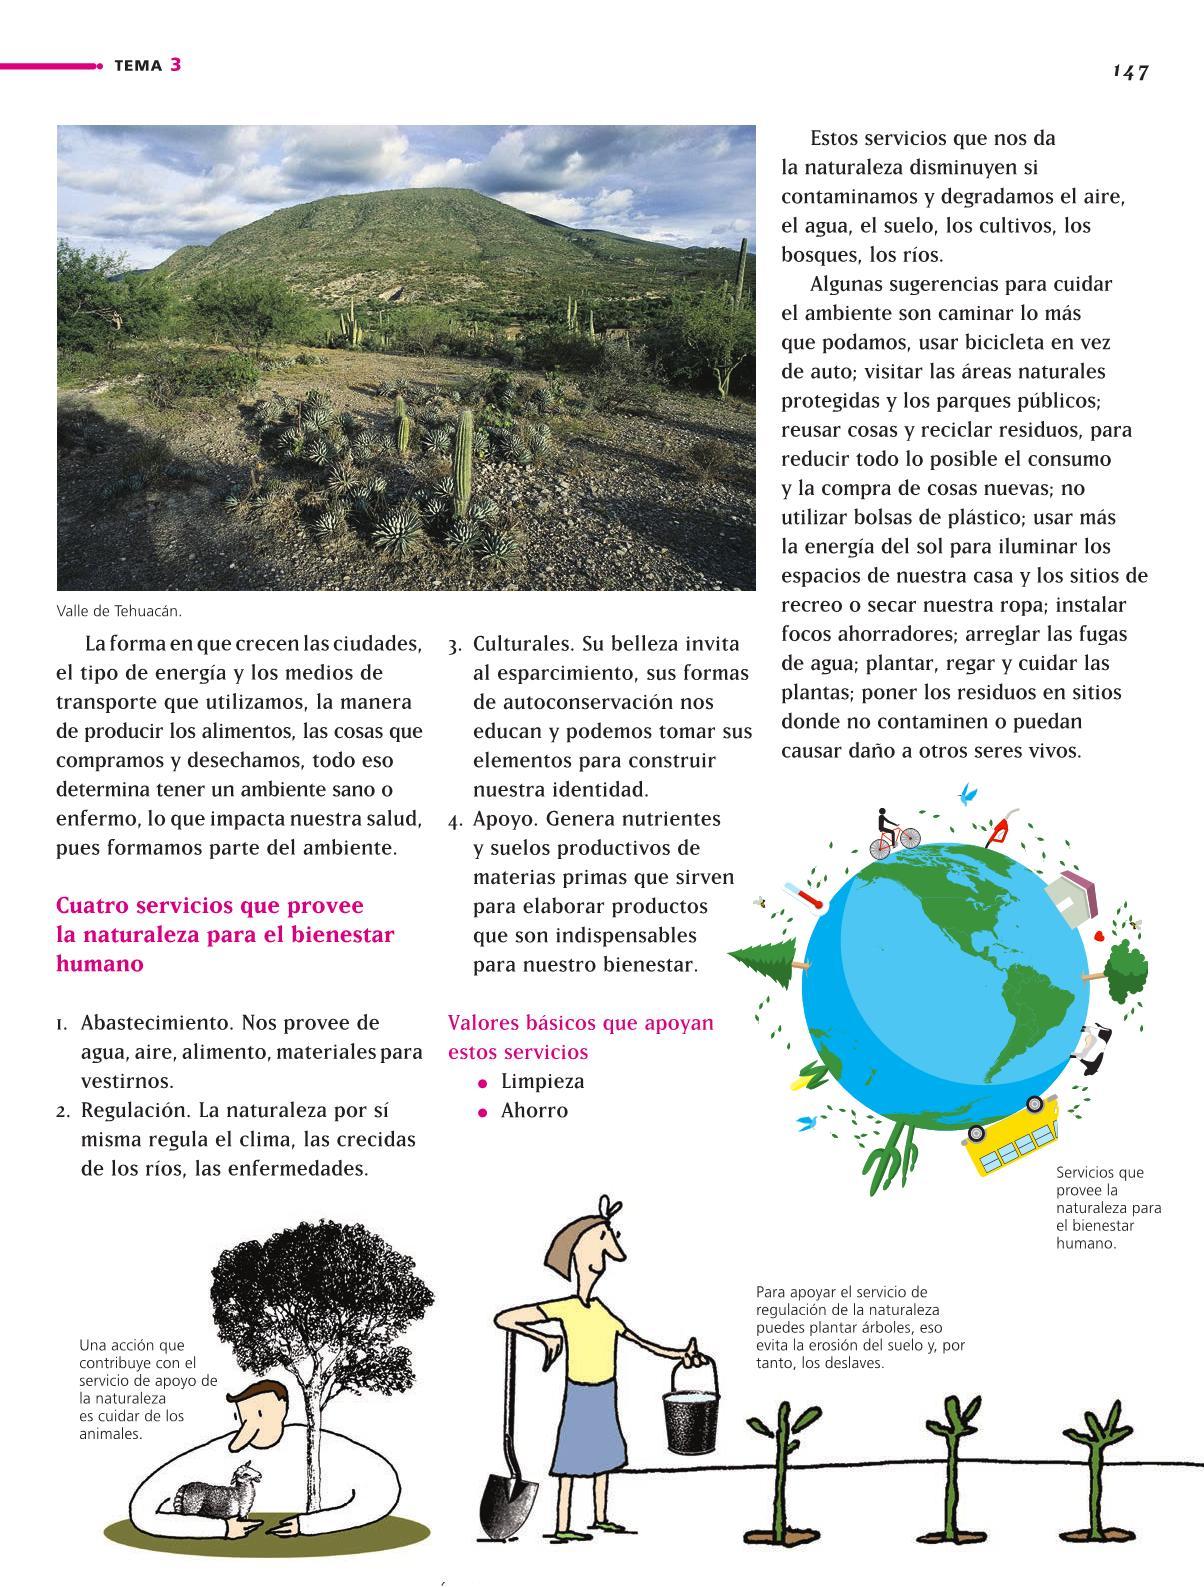 Puebla La Entidad Donde Vivo 2016 2017 Online Pagina 147 De 160 Libros De Texto Online